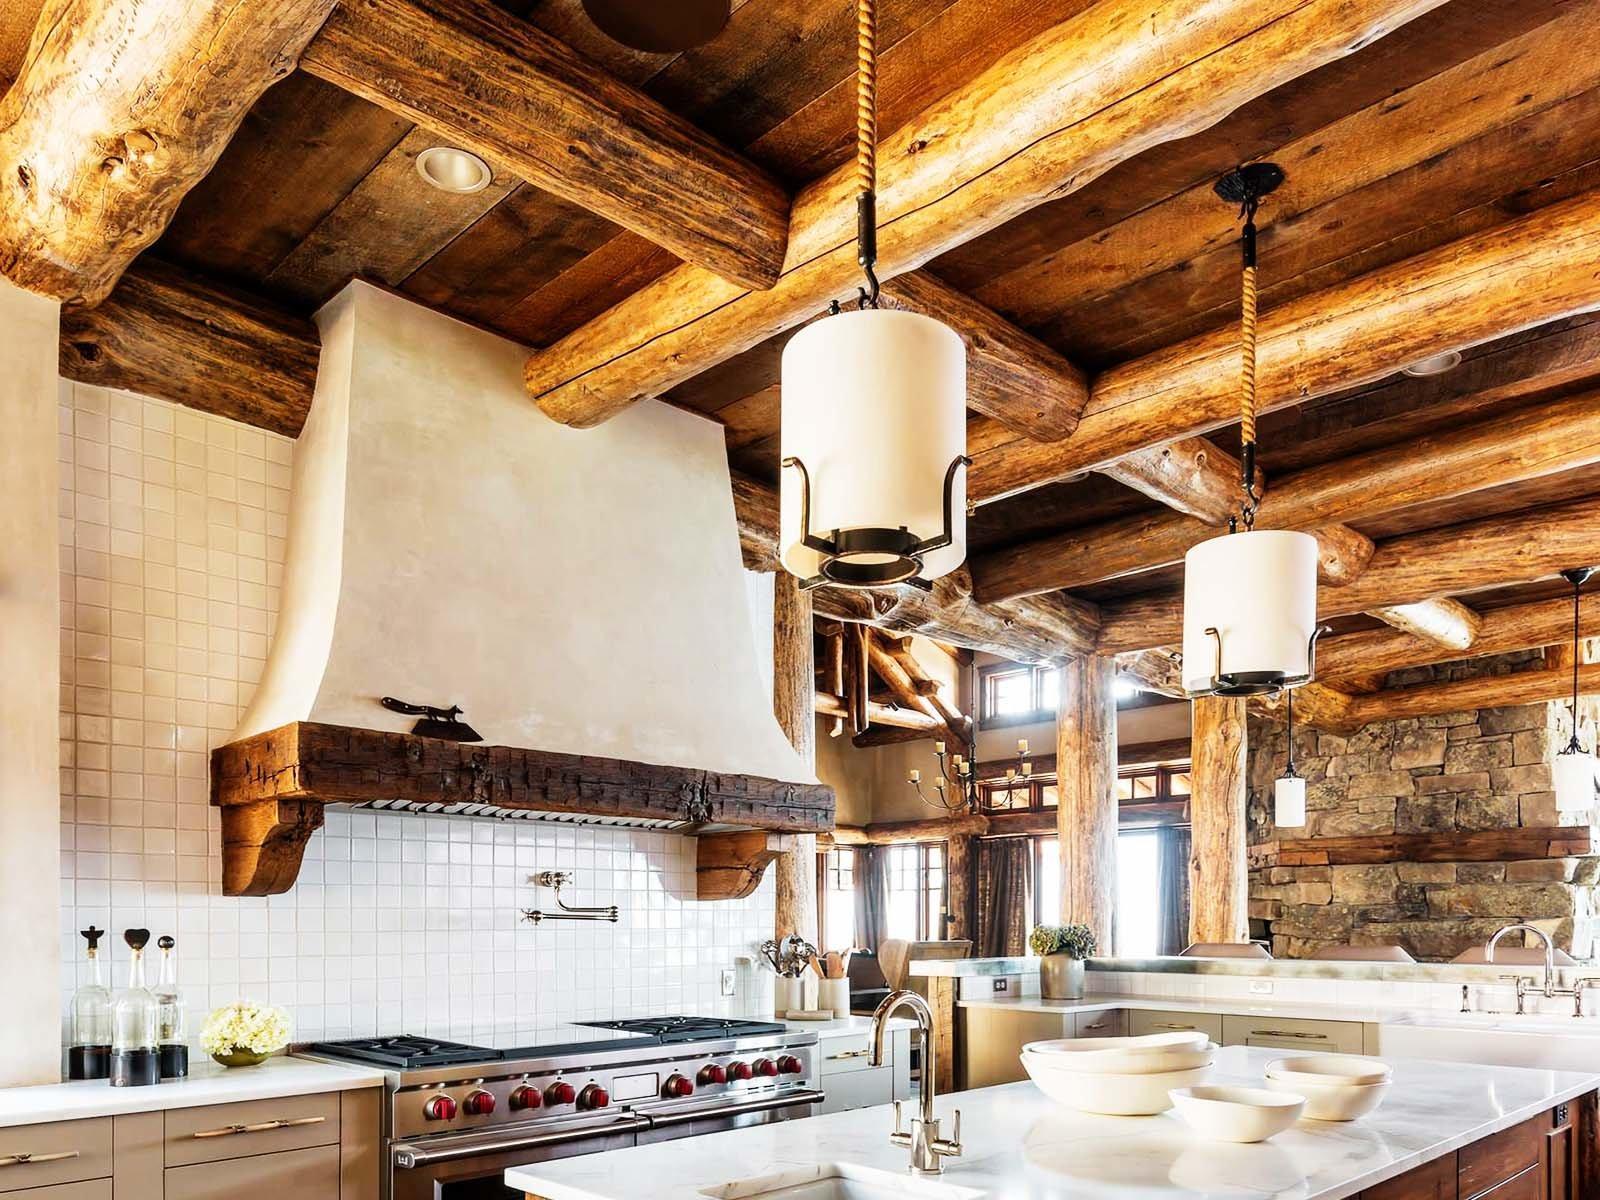 Идея по декору кухни светильниками в стиле рустик